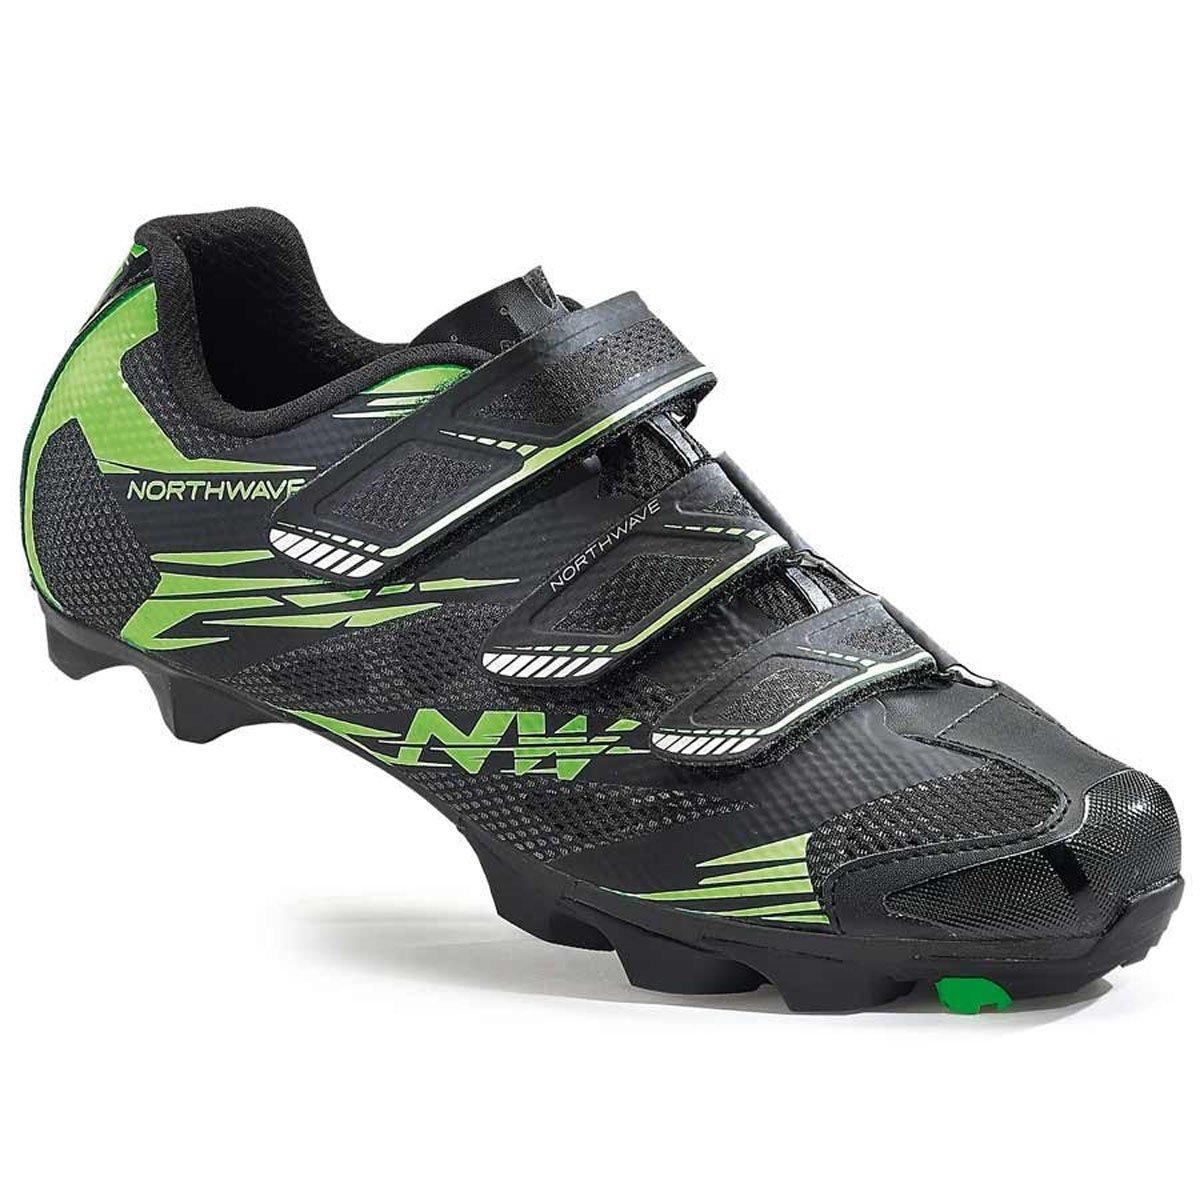 Northwave Scorpius 2 MTB Fahrrad Schuhe schwarz grün 2016